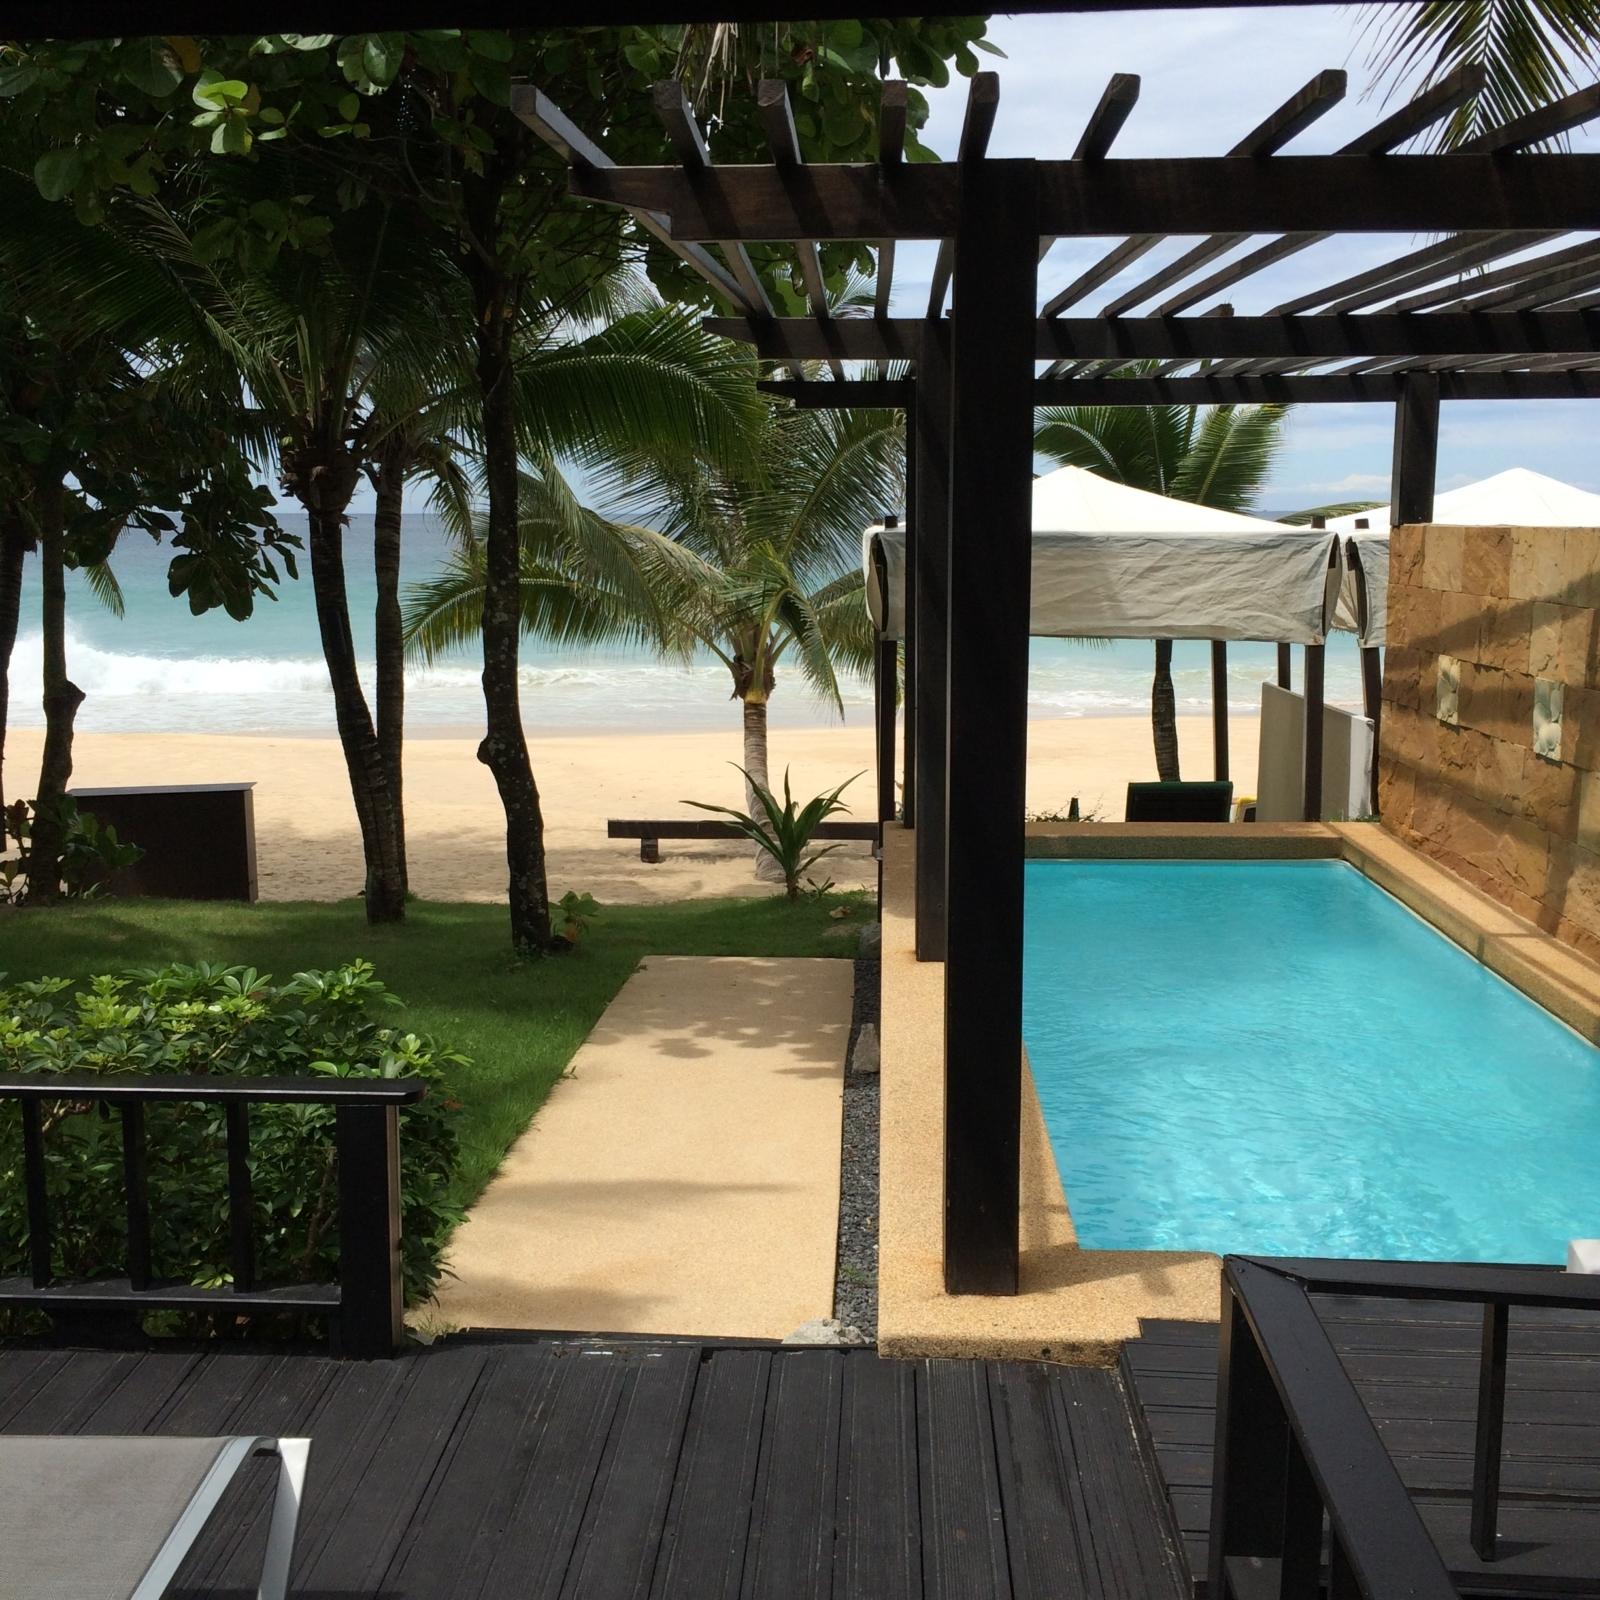 Thailand_Phuket_Andaman White Beach Resort_Traumstrände in Thailand_Strand